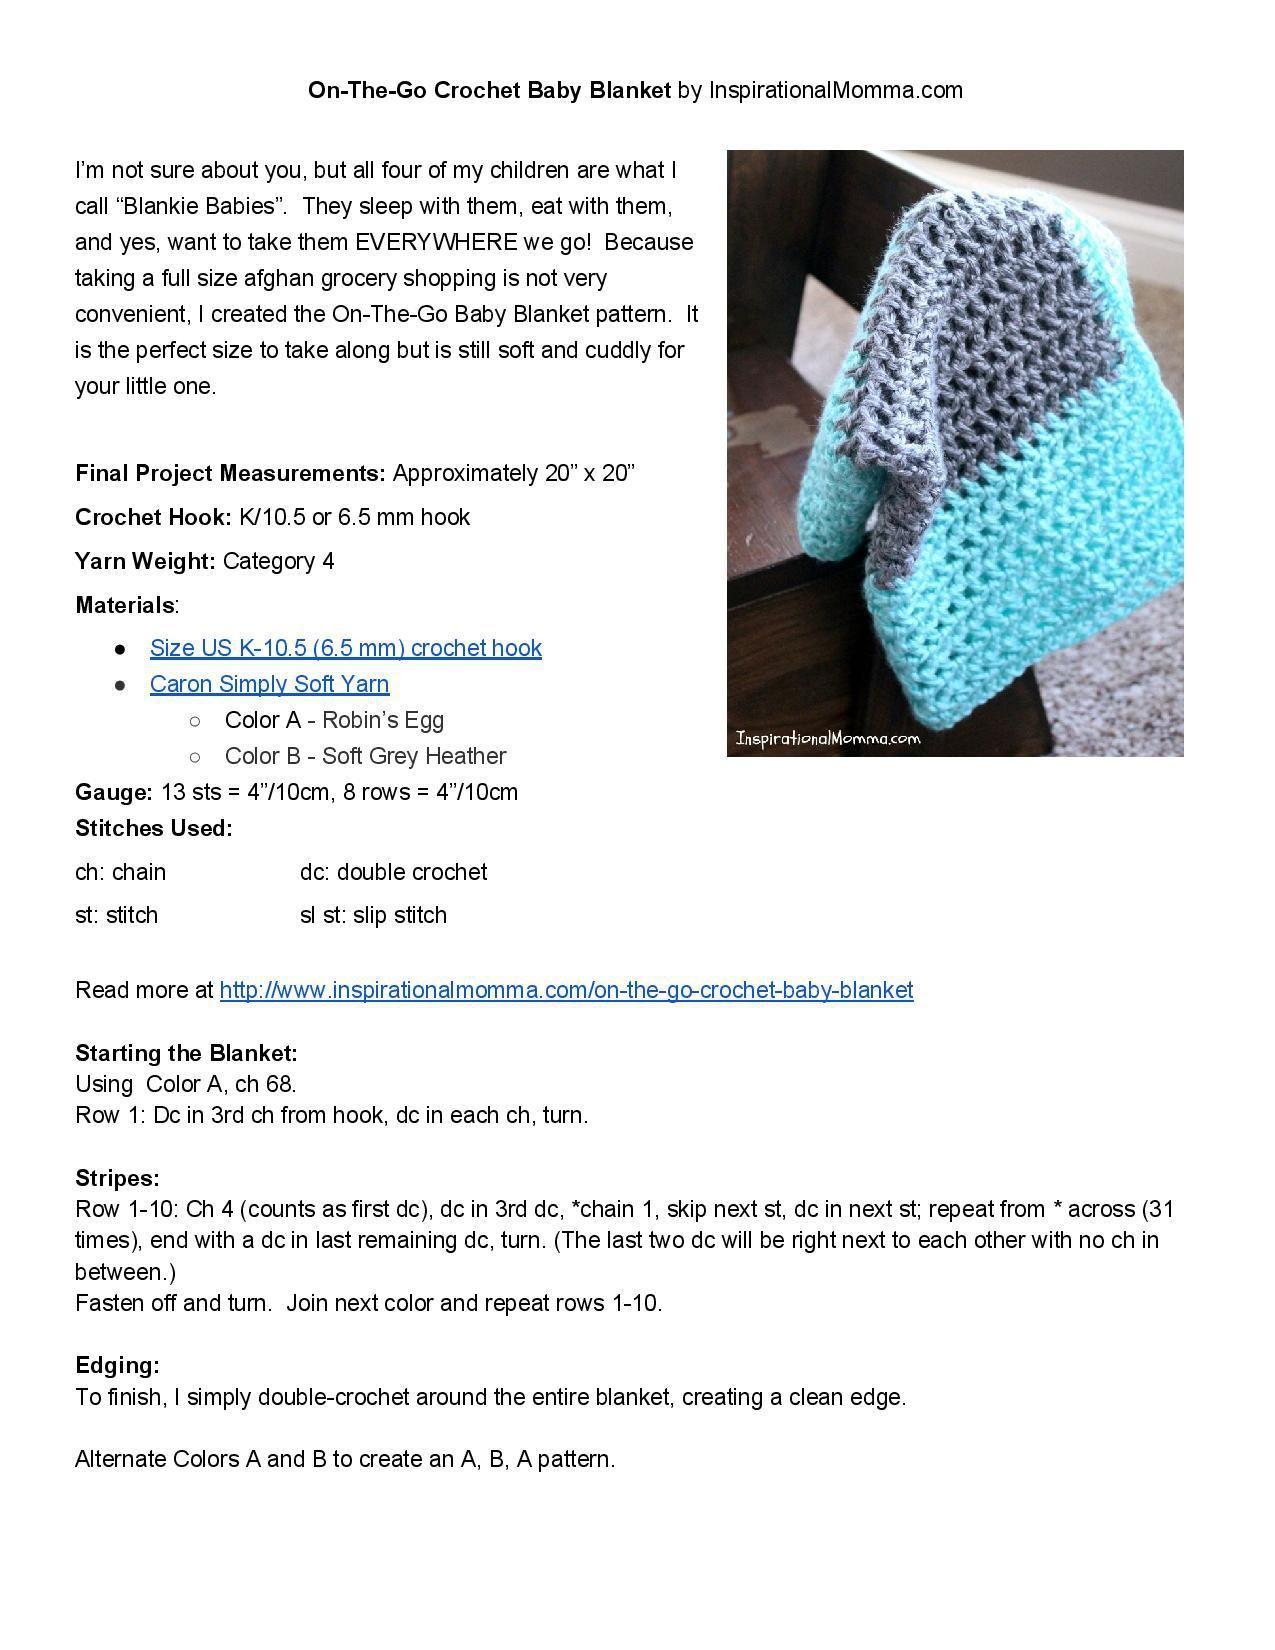 On-The-Go Crochet Baby Blanket   For the Home   Pinterest